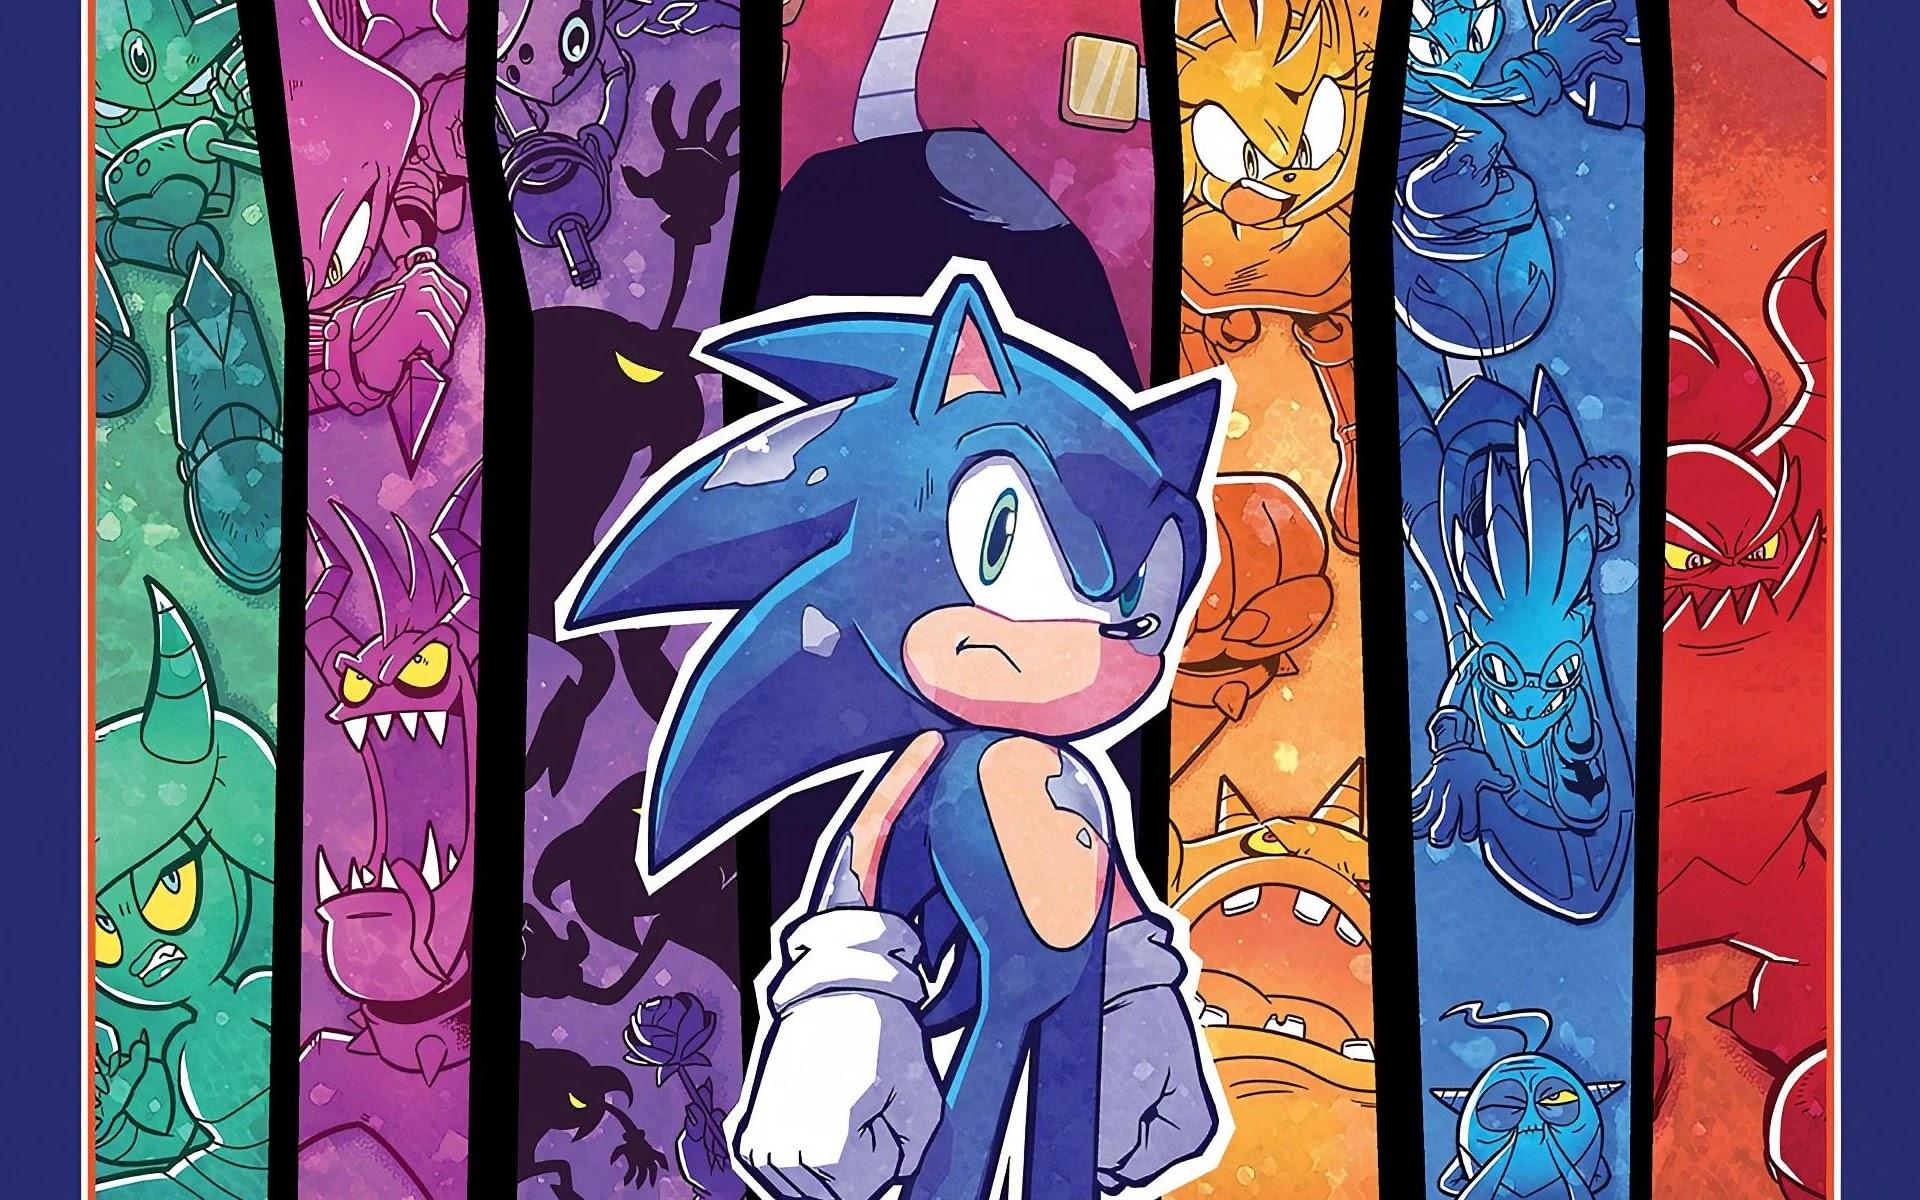 Premiera siódmego zeszytu zbiorczego IDW Sonic